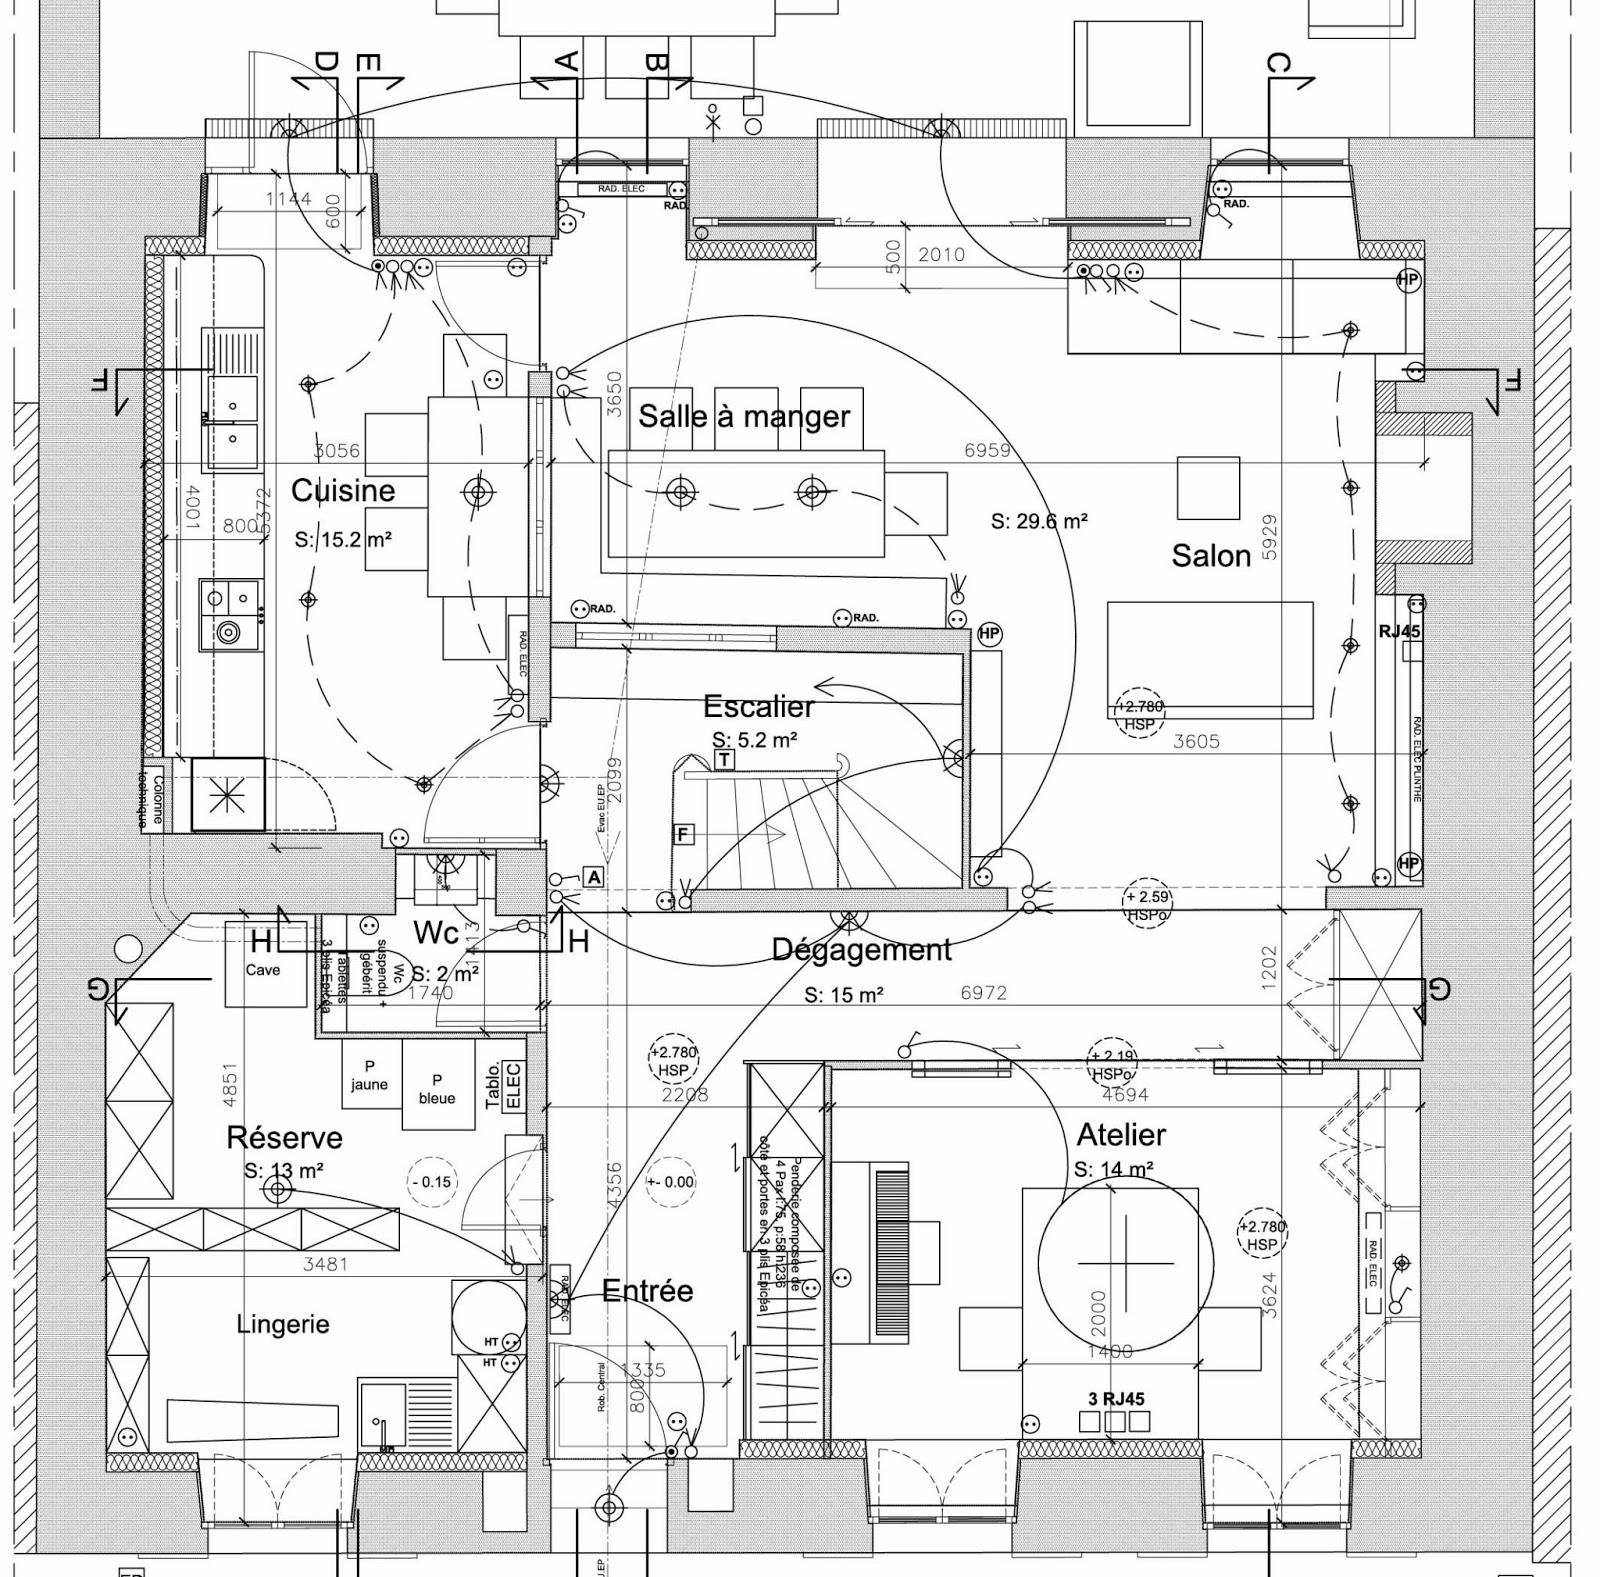 #494949 Plan Maison Suite Parentale Rdc 2935 plan de maison avec suite parentale 1600x1577 px @ aertt.com